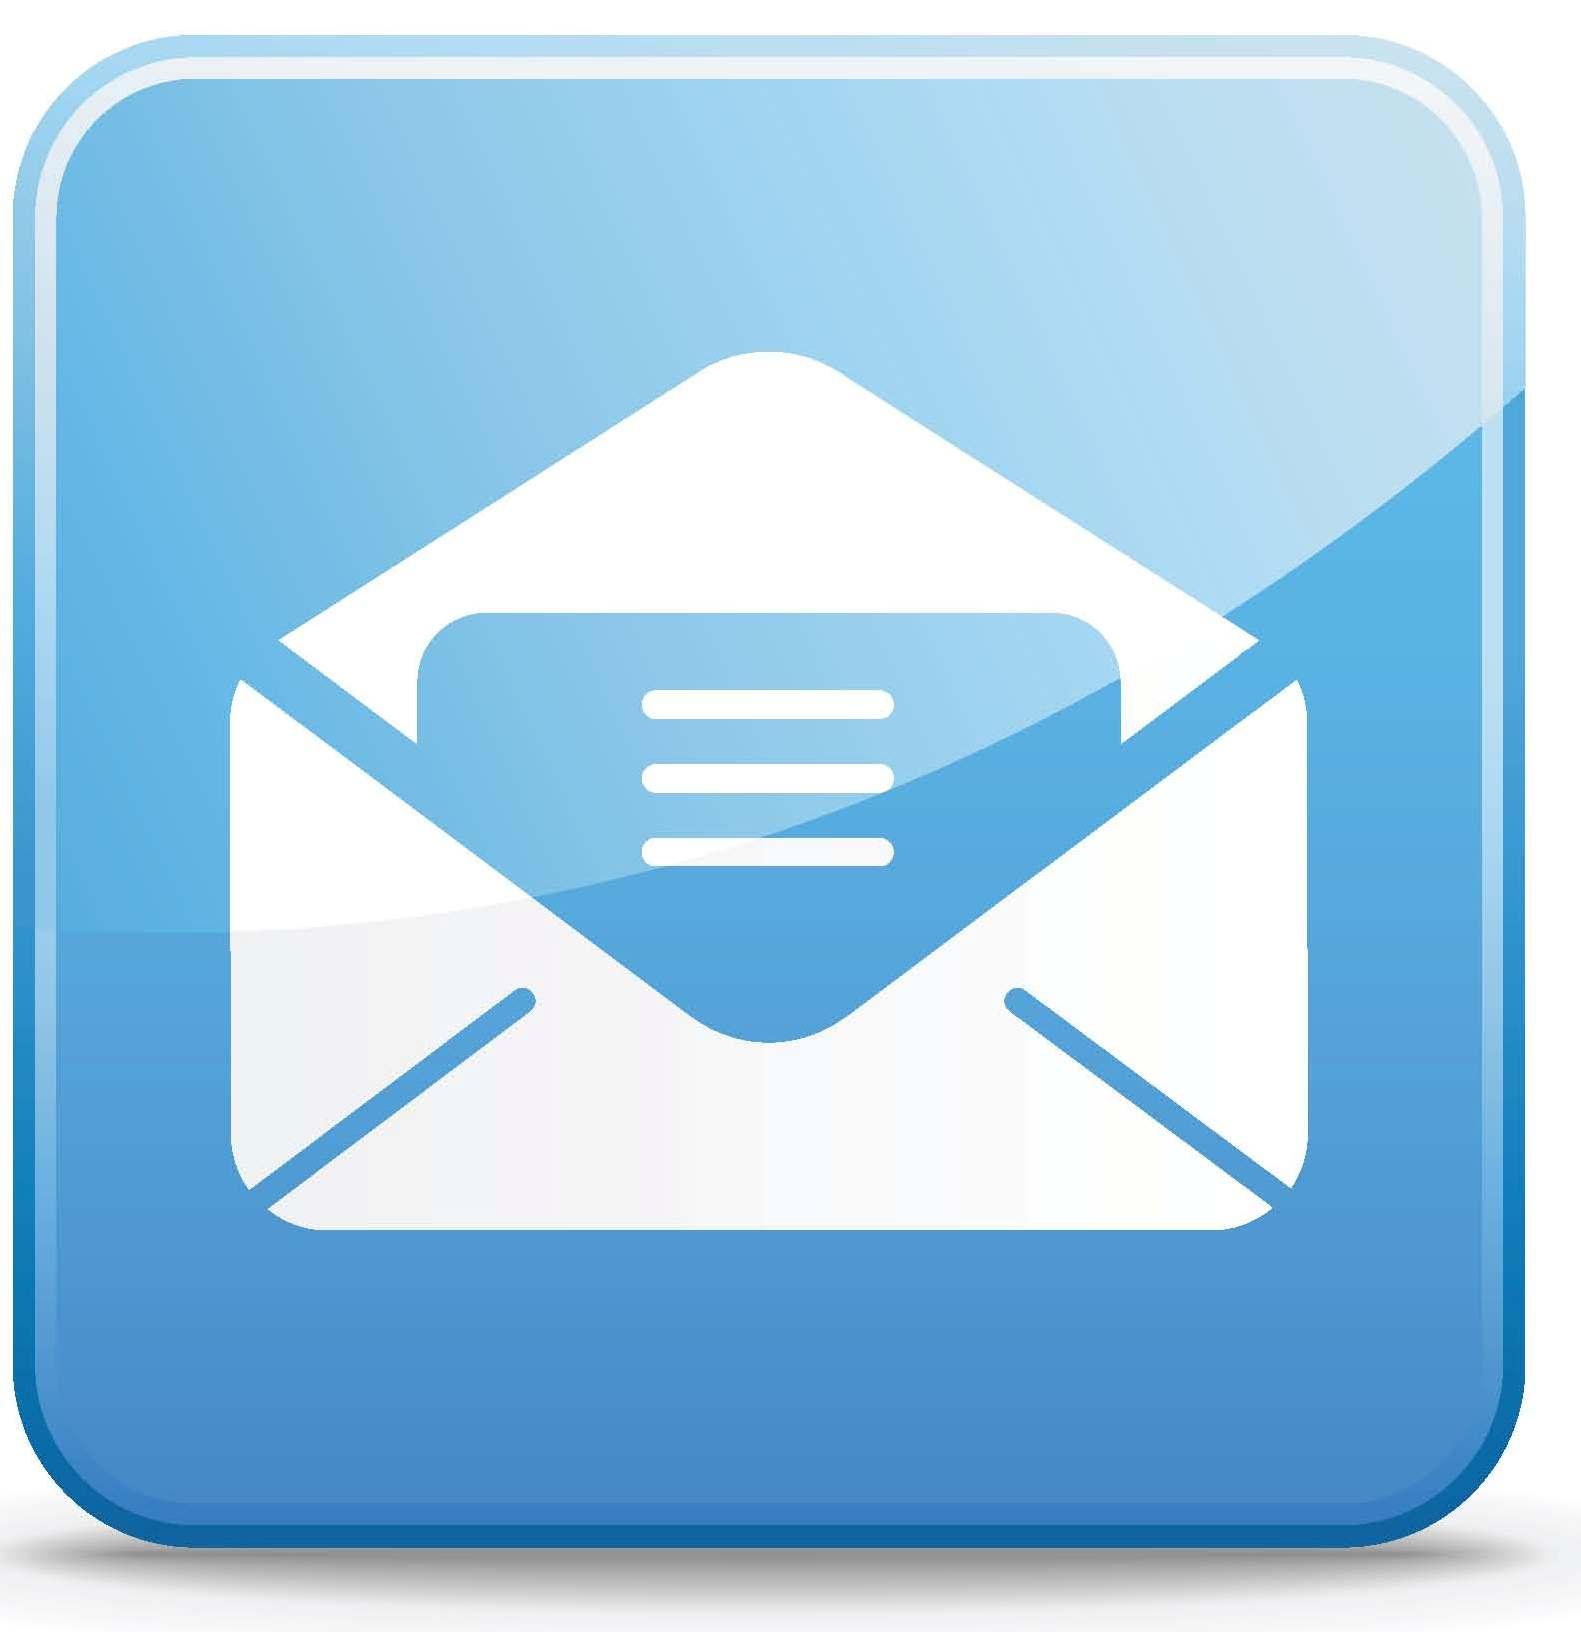 Küldj nekünk levelet!